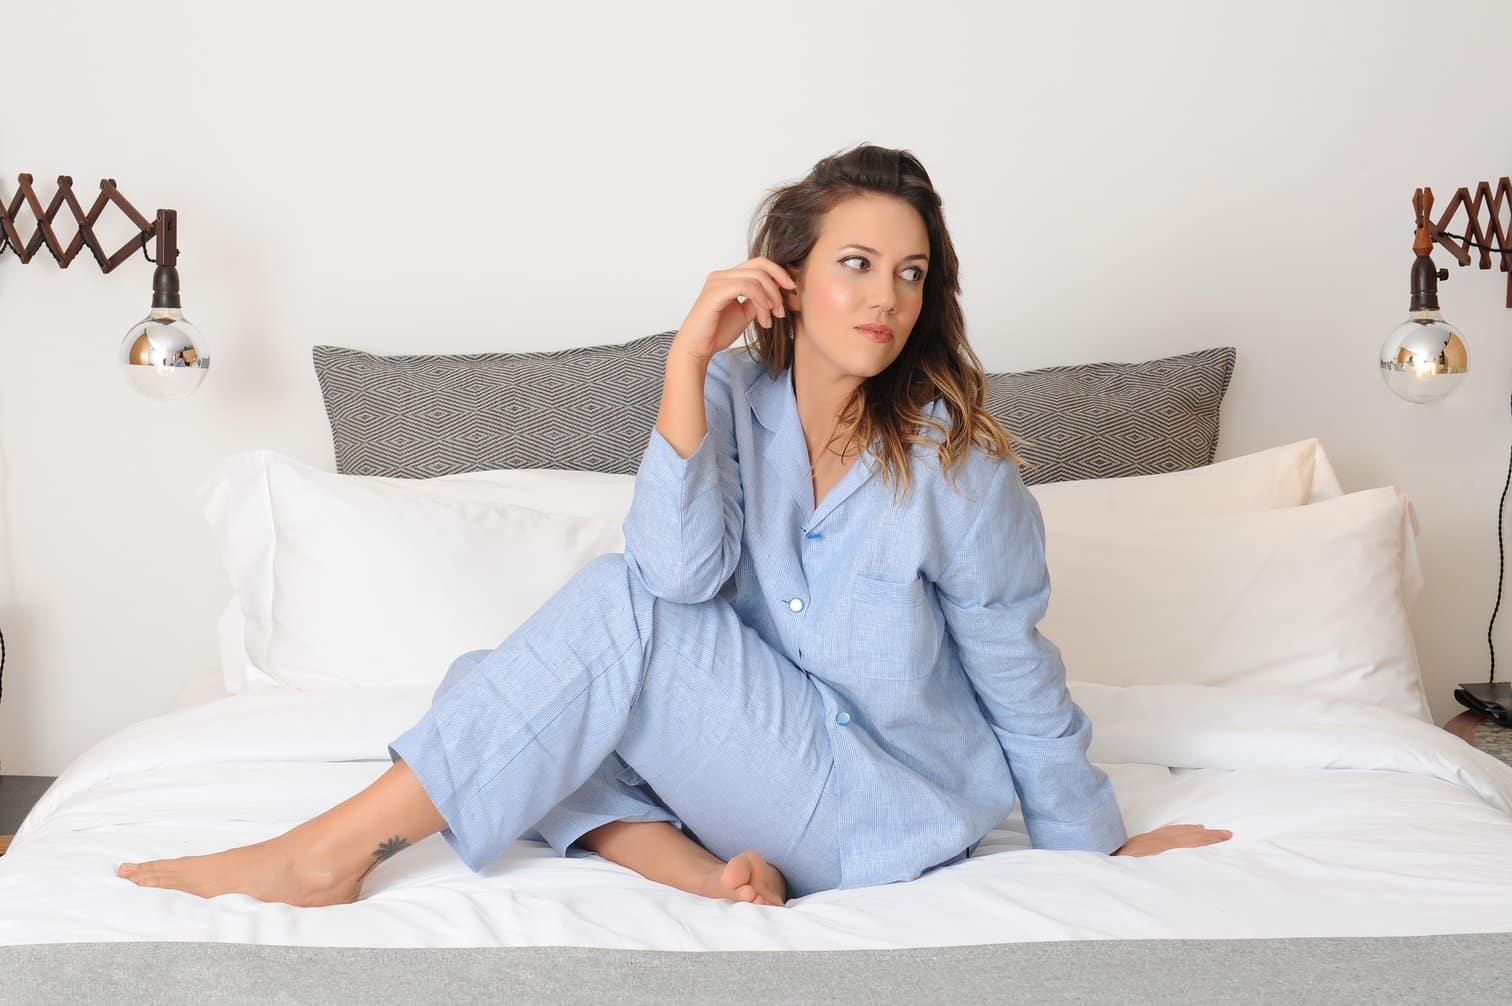 pijamas sustentáveis